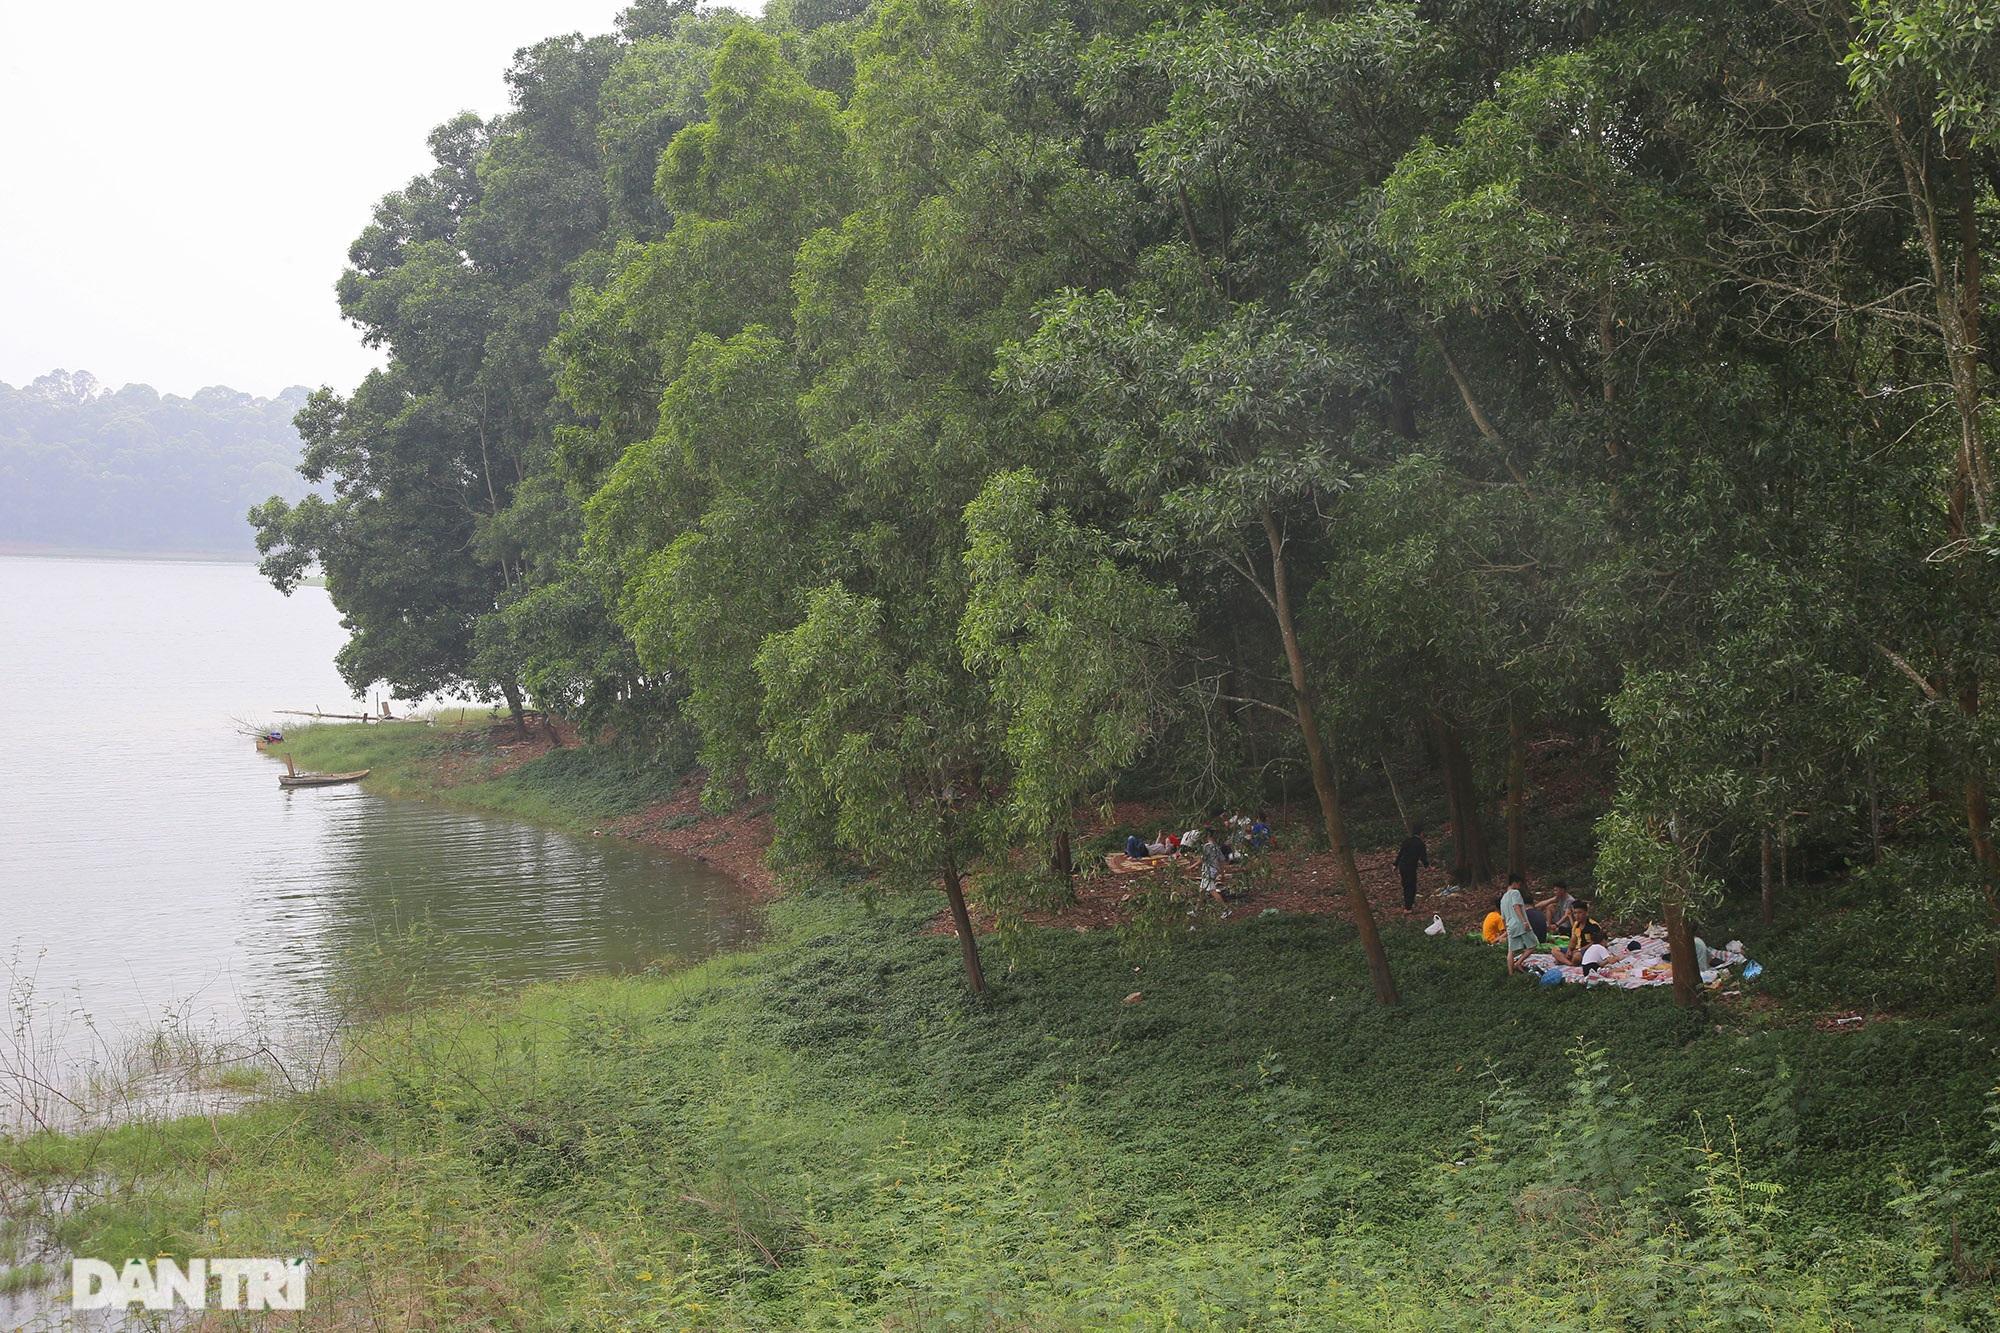 Dù có biển cấm tụ tập, hồ Đồng Mô vẫn tấp nập người đến cắm trại - 8